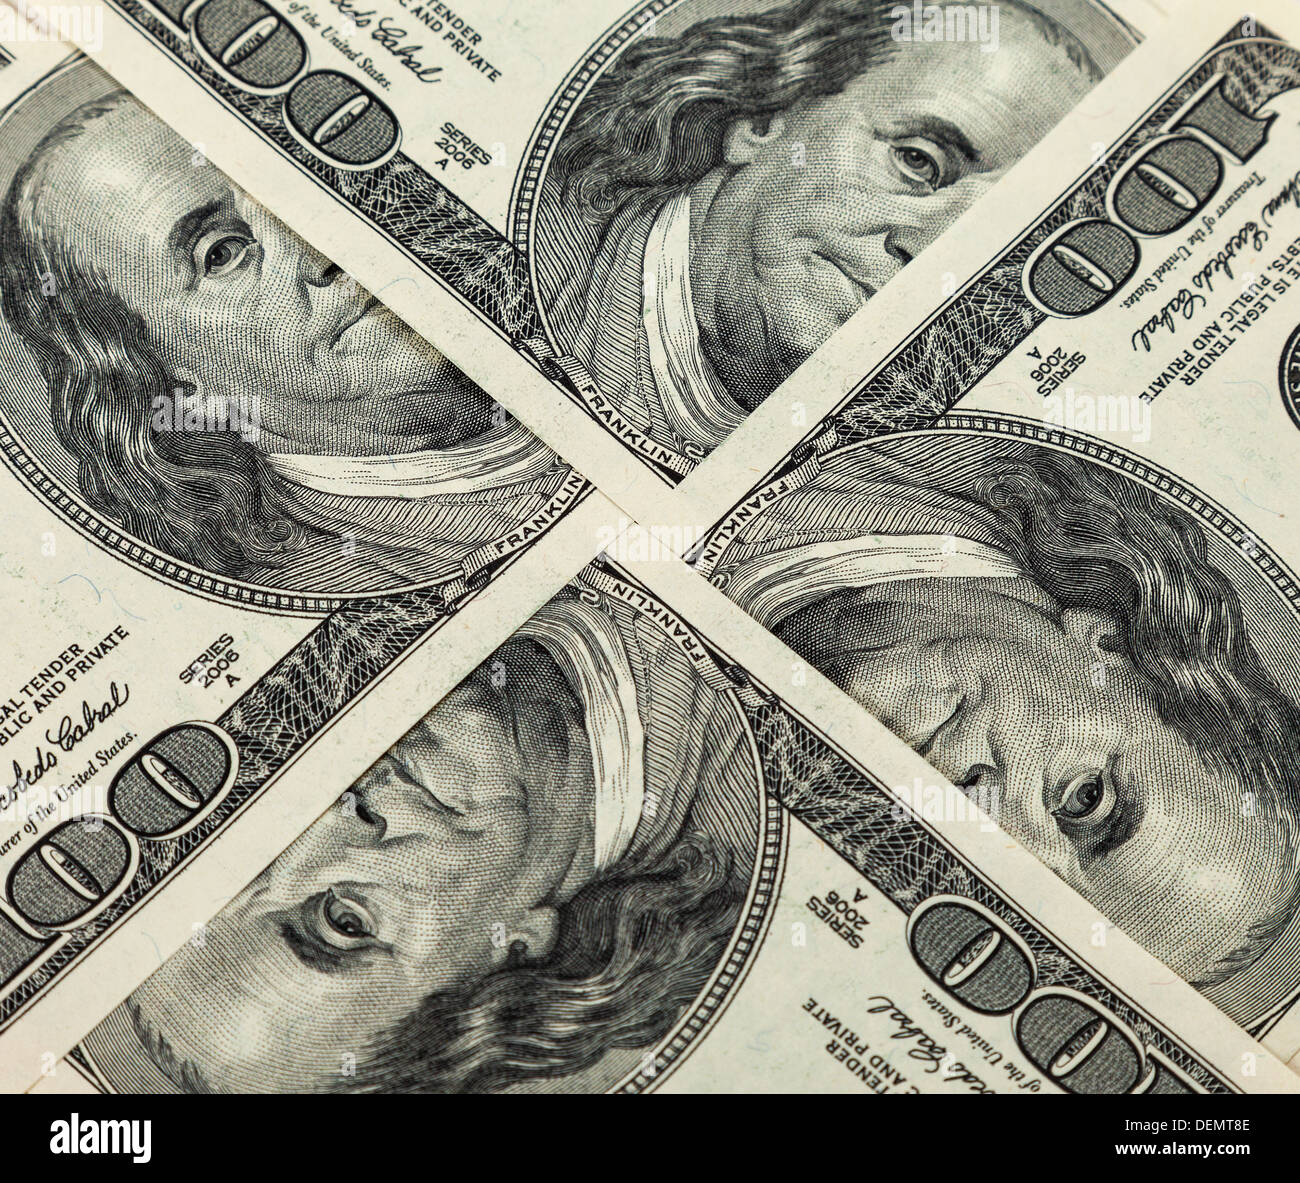 Four hundred dollar bills close up - Stock Image